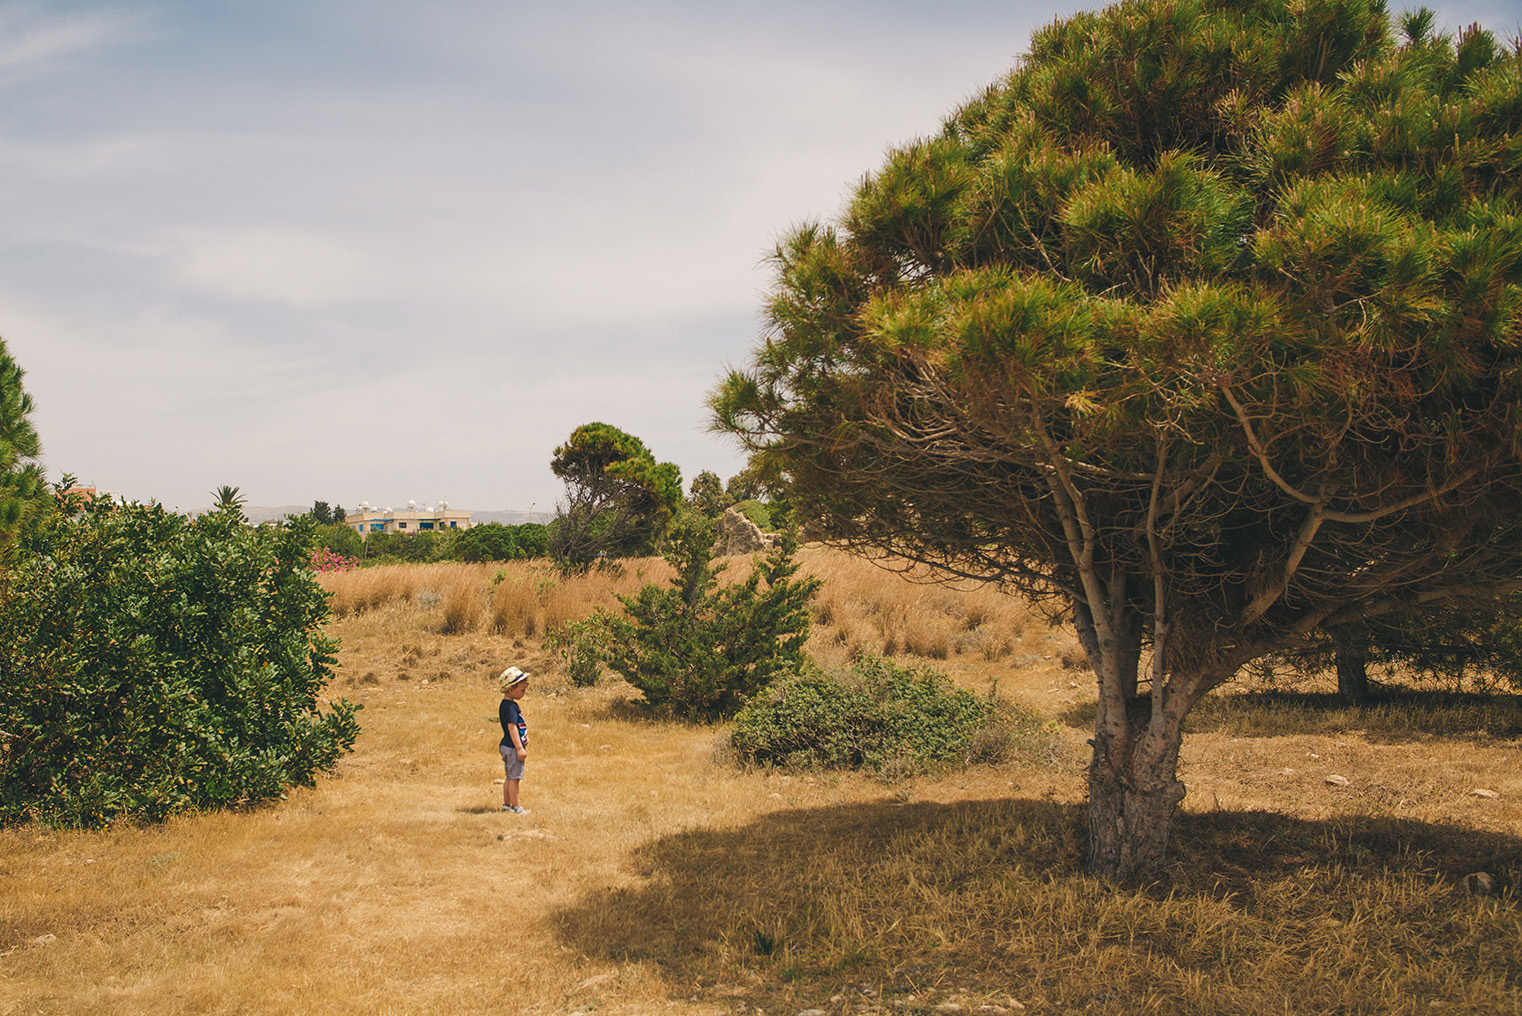 14.Groby Krolewskie Pafos - Cypr - podroz z dzieckiem